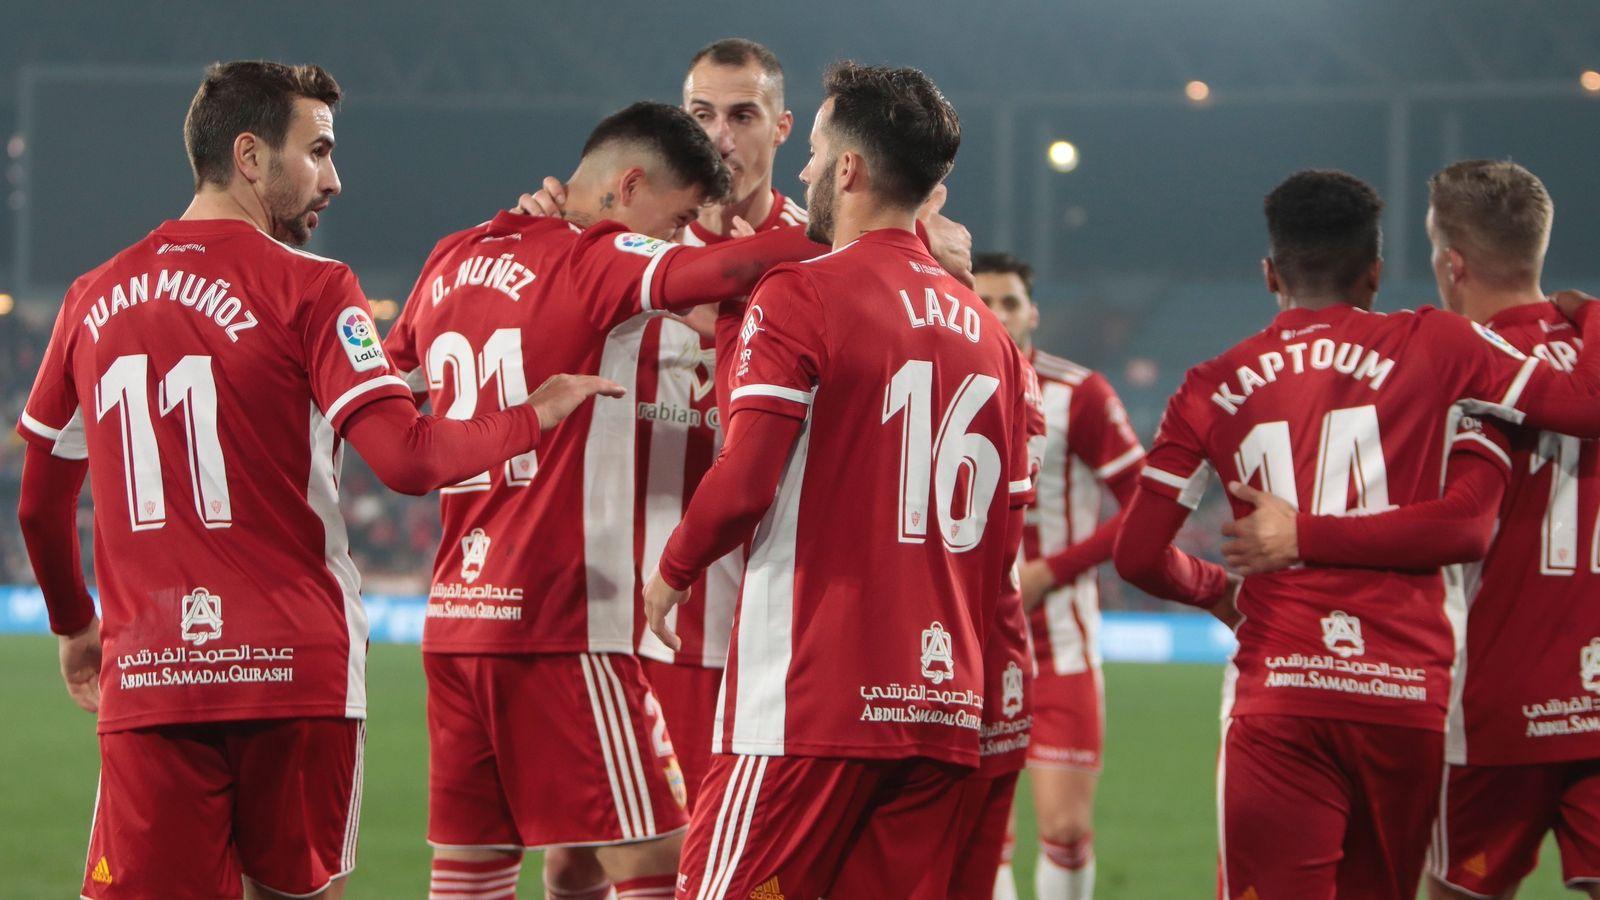 Foto: Jugadores del Almería celebran un gol. (Europa Press)